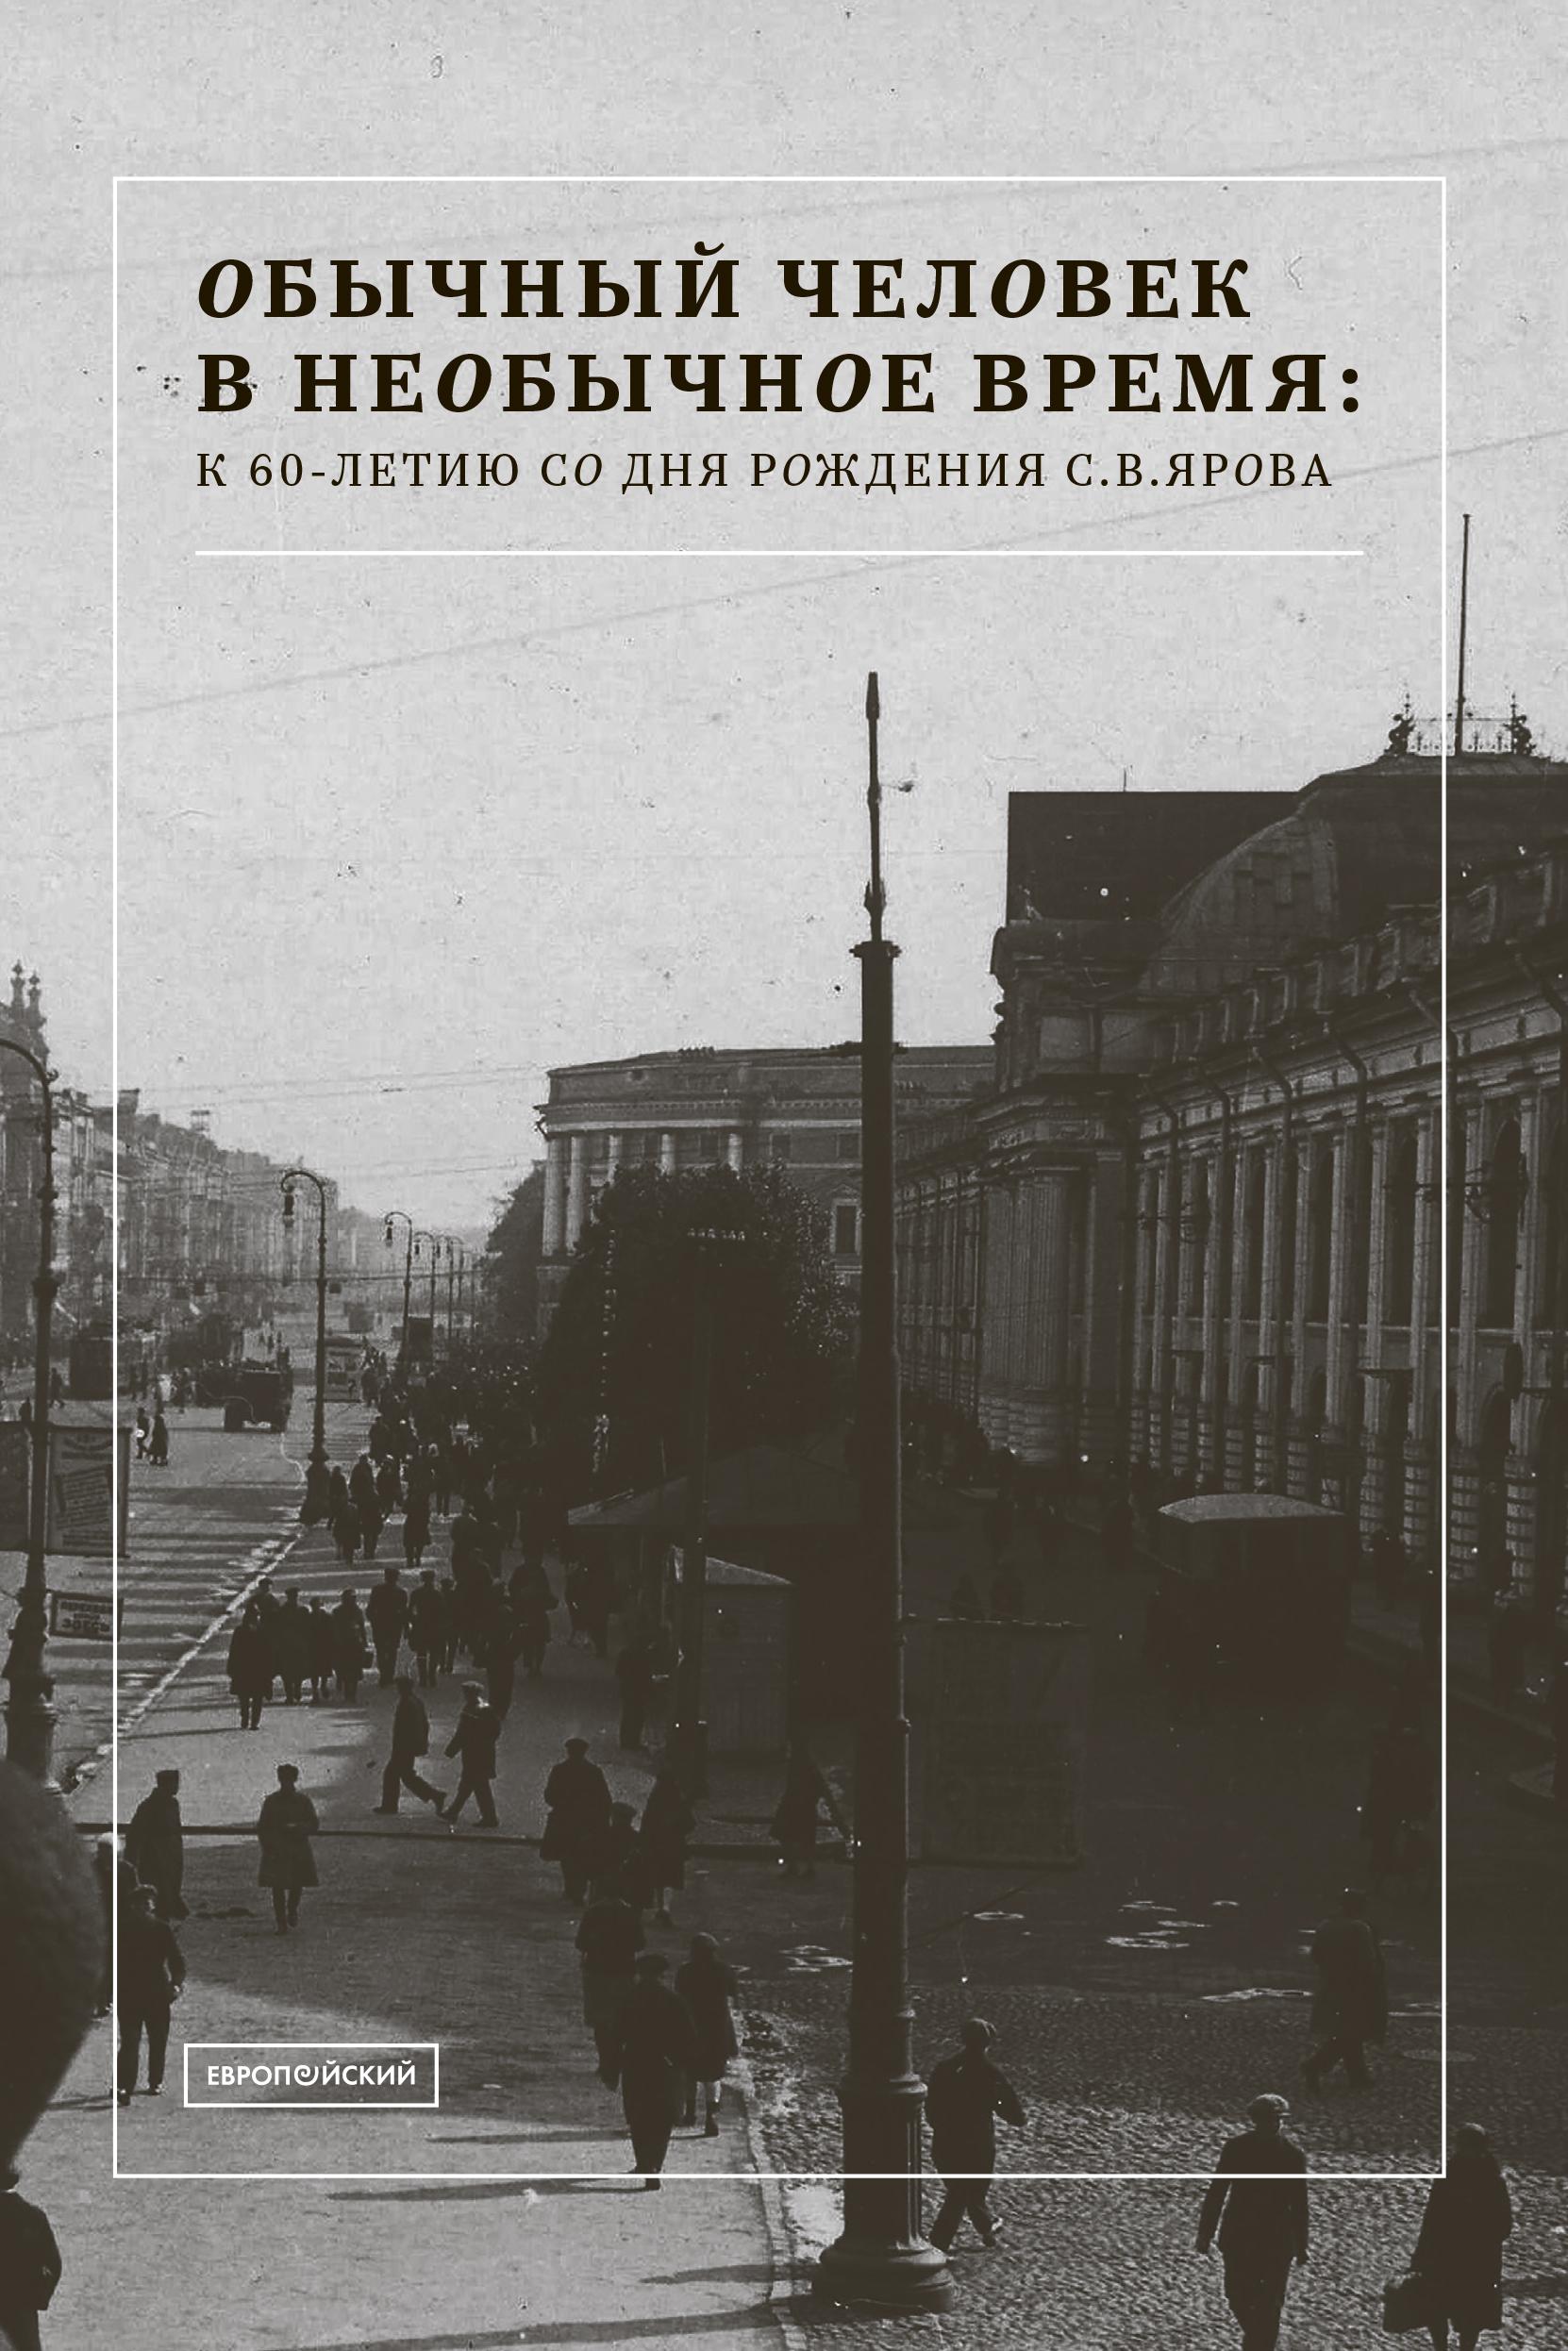 Эмоции, раскаяние и революционная справедливость: инструкция по поведению в зале суда в раннесоветском Петрограде